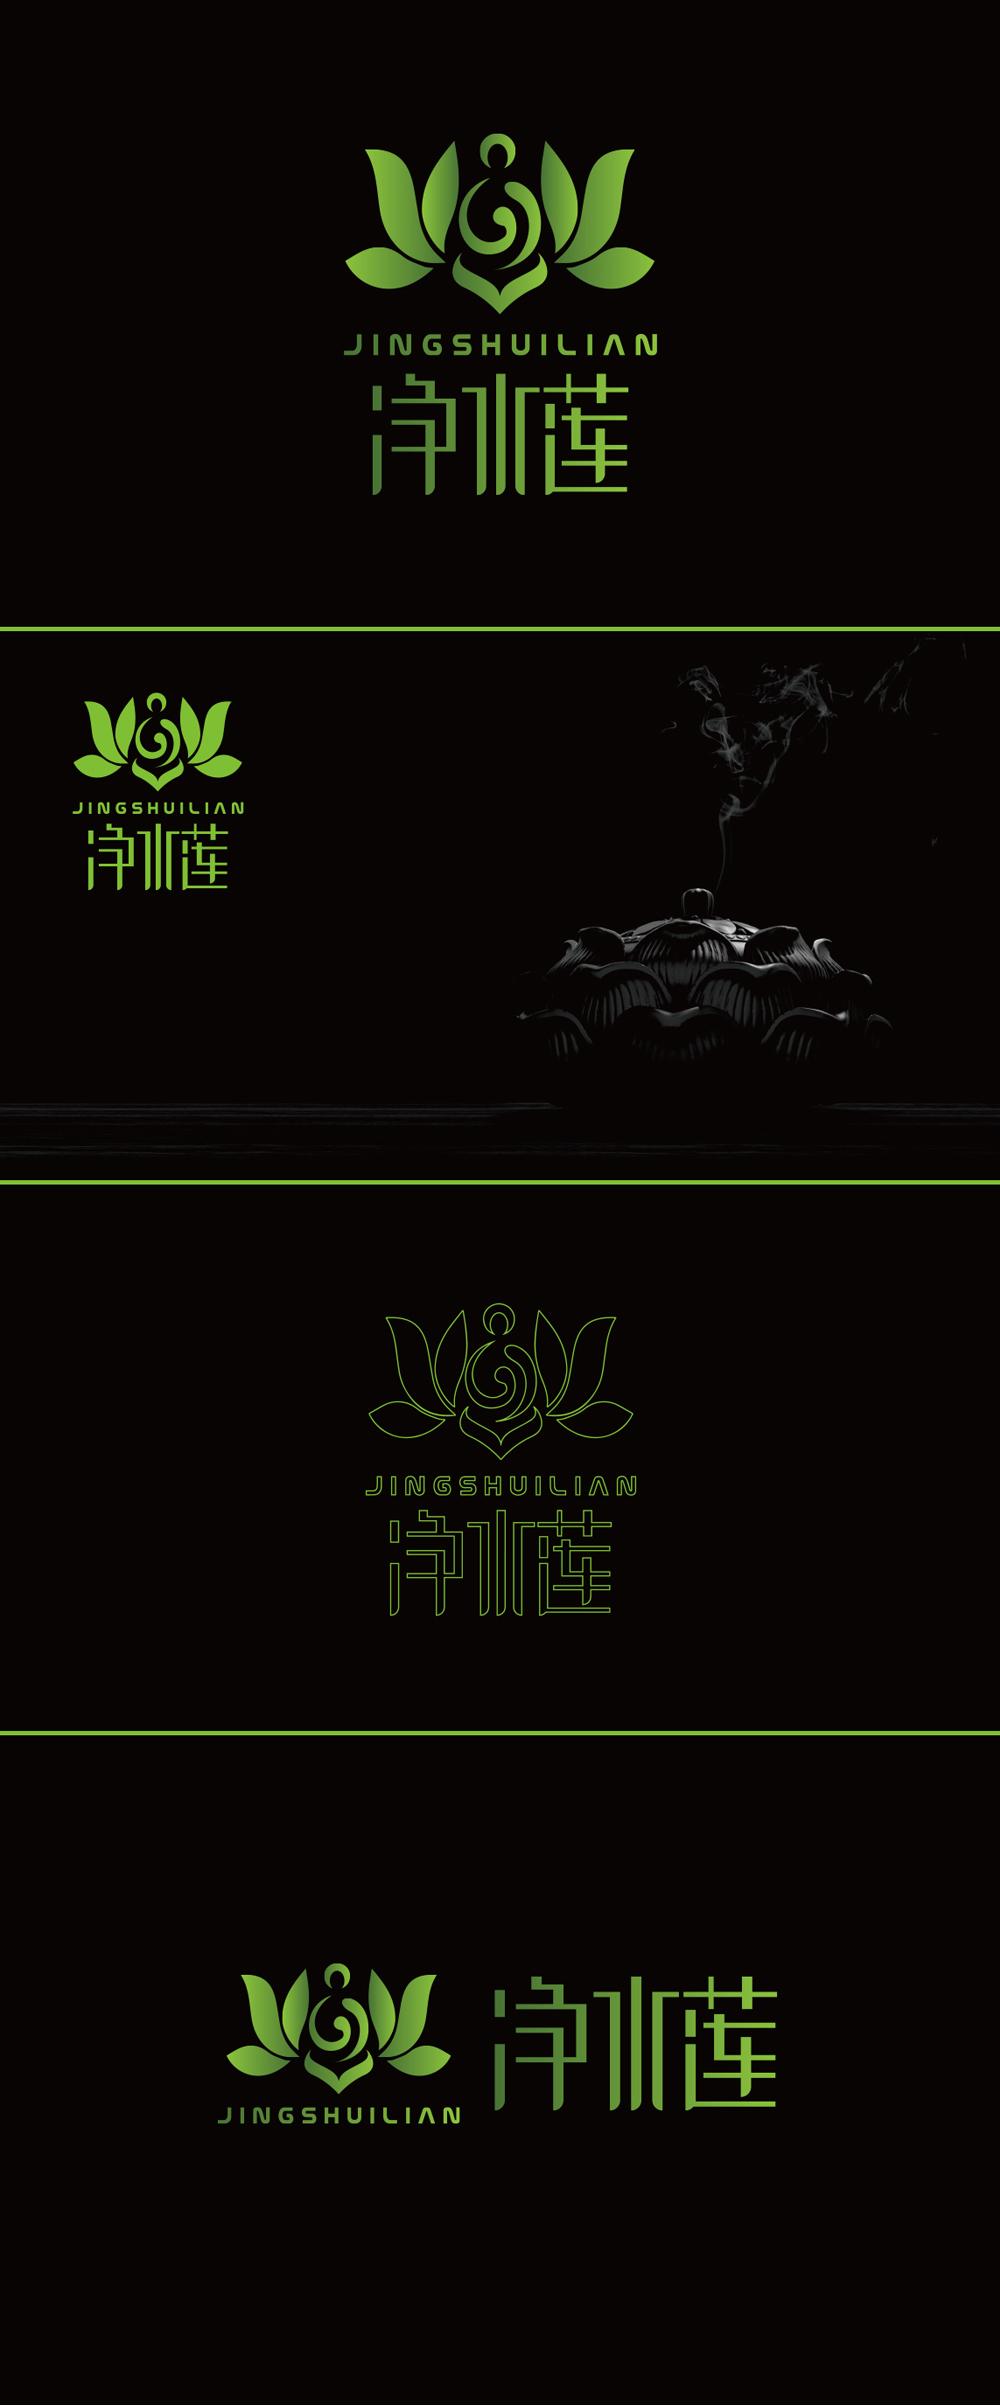 合肥净水莲品牌足浴店logo设计VIS识别系统(图1)